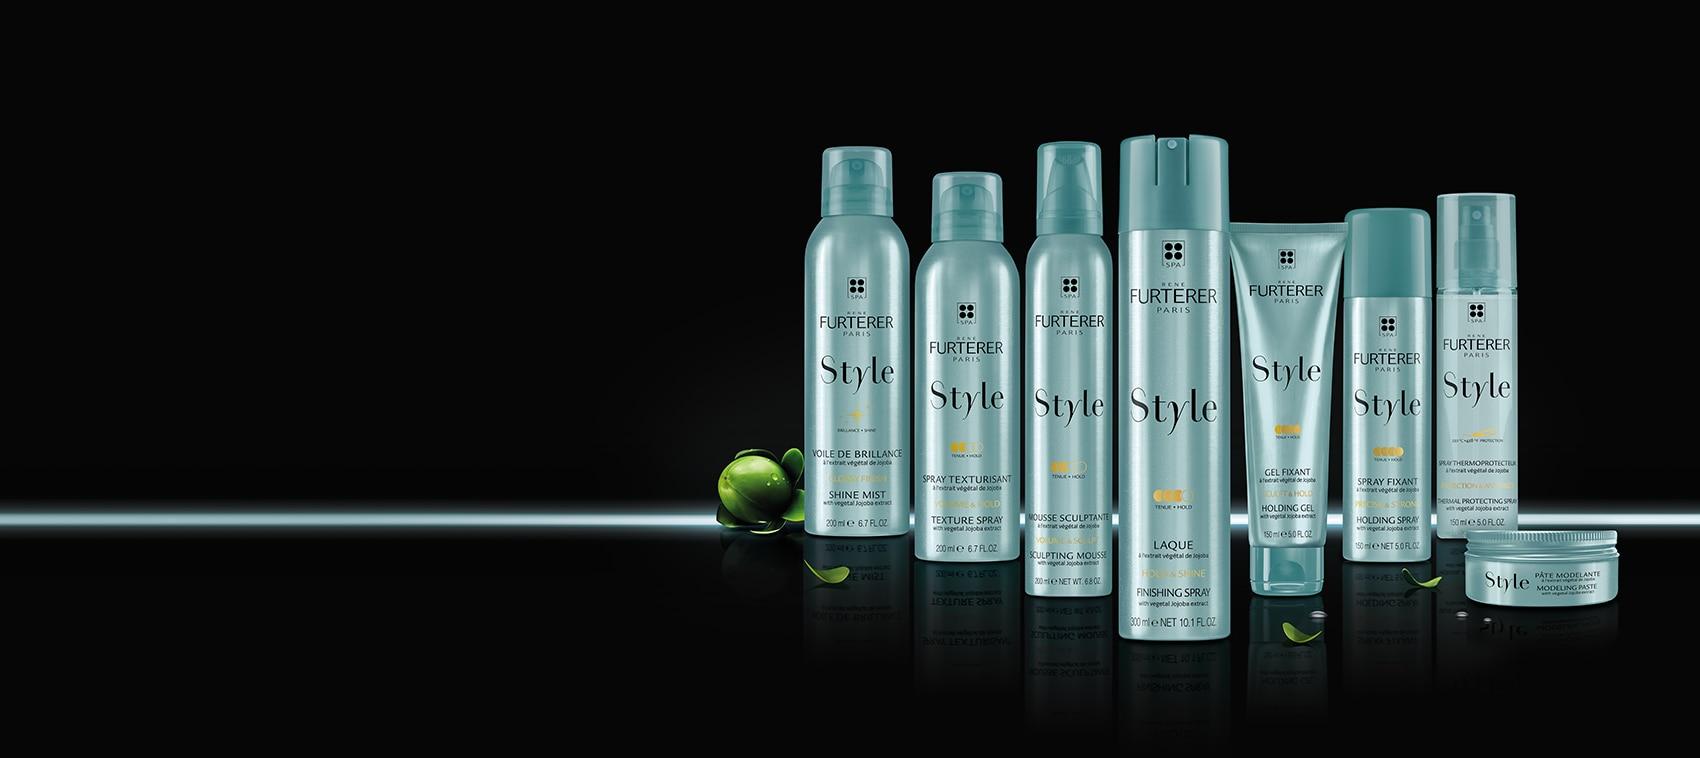 STYLE, la ligne de coiffants à l'extrait végétal de Jojoba, sans silicone - Tous types de cheveux | René Furterer